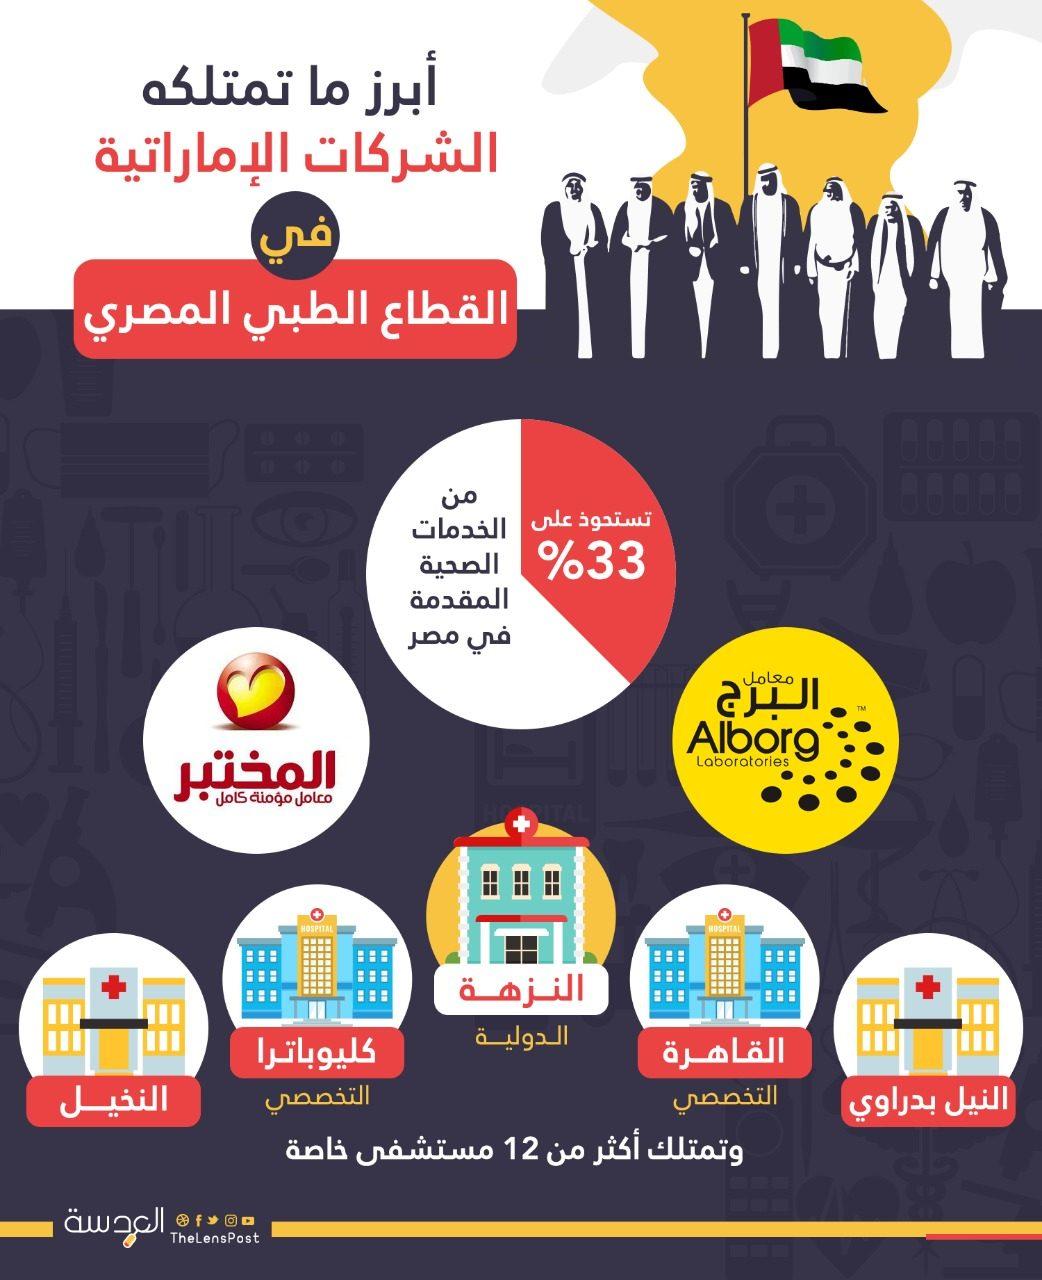 ماذا تمتلك الشركات الاماراتية في مصر